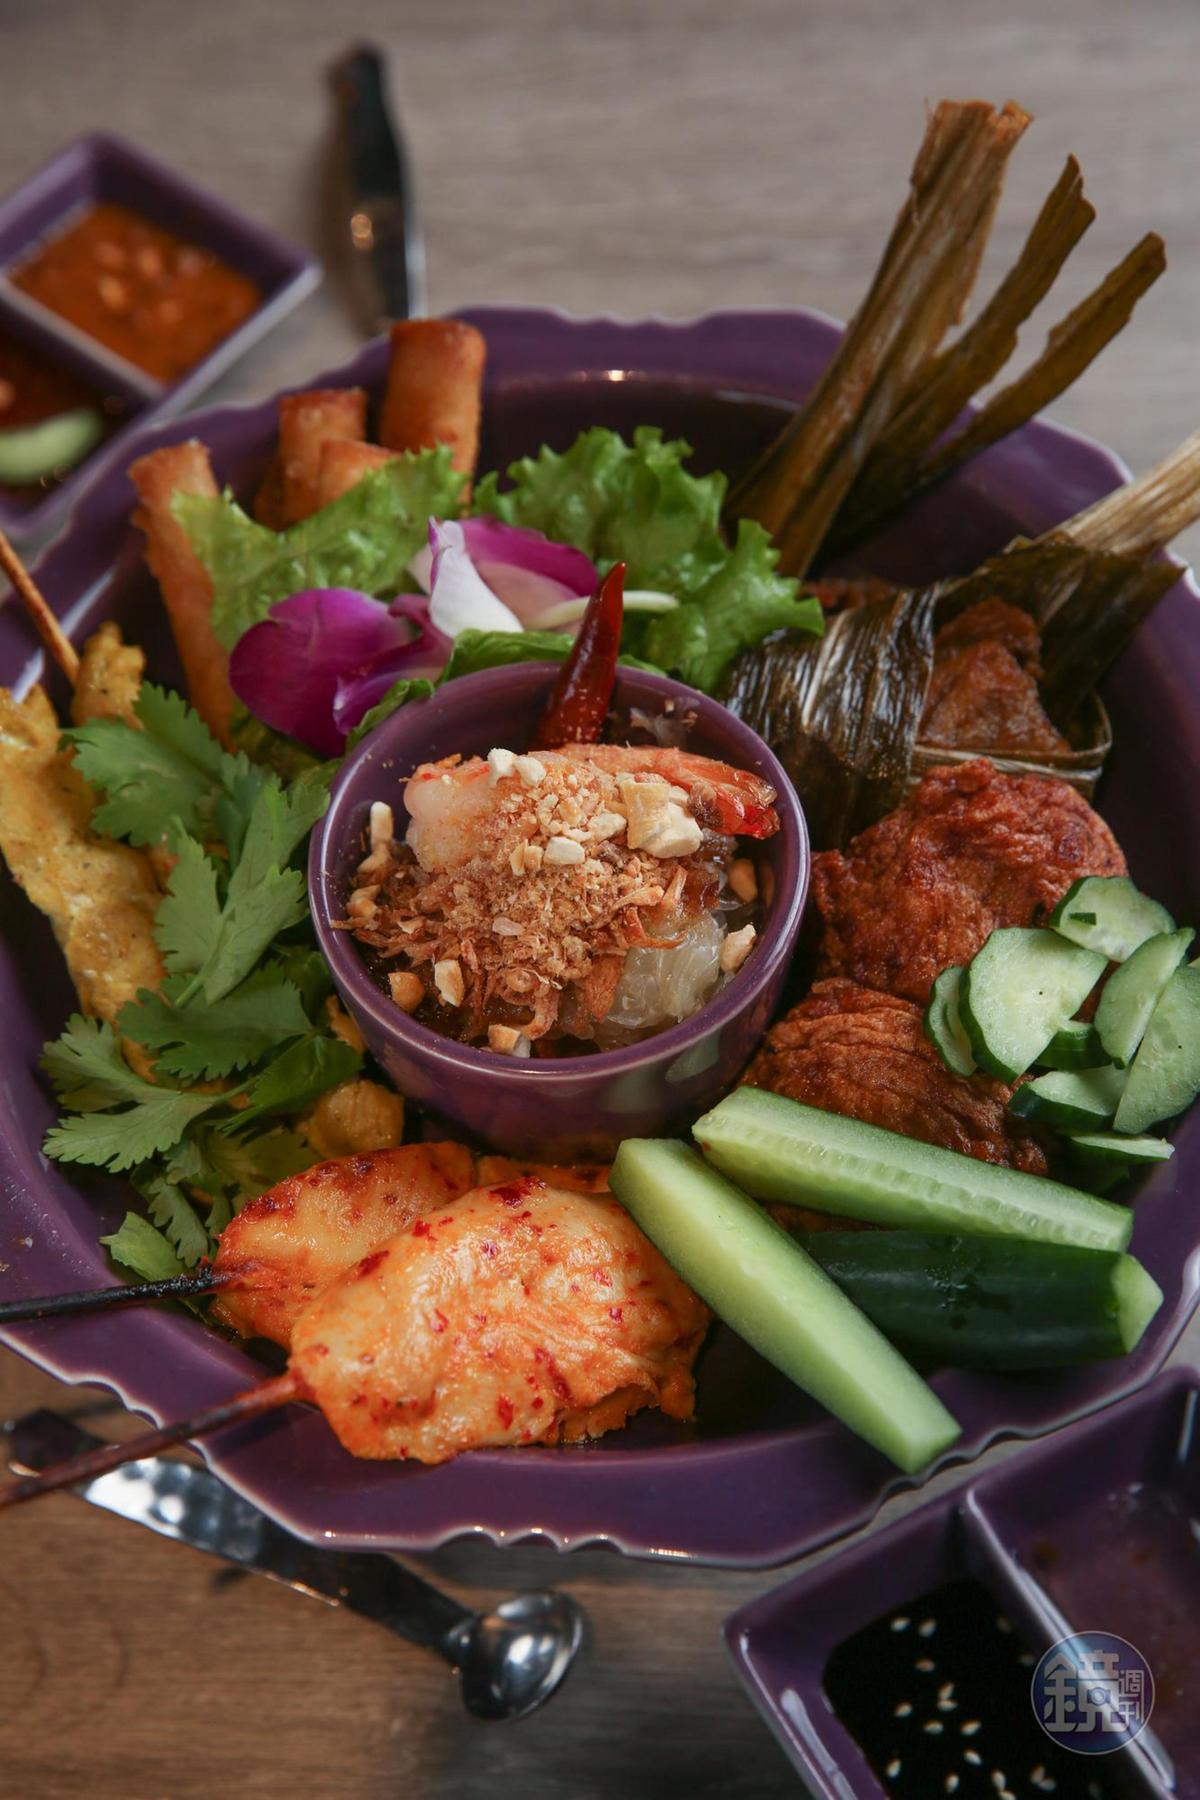 「NARA什錦拼盤」可一次集滿招牌小食,滋味各有千秋。(390元/份)